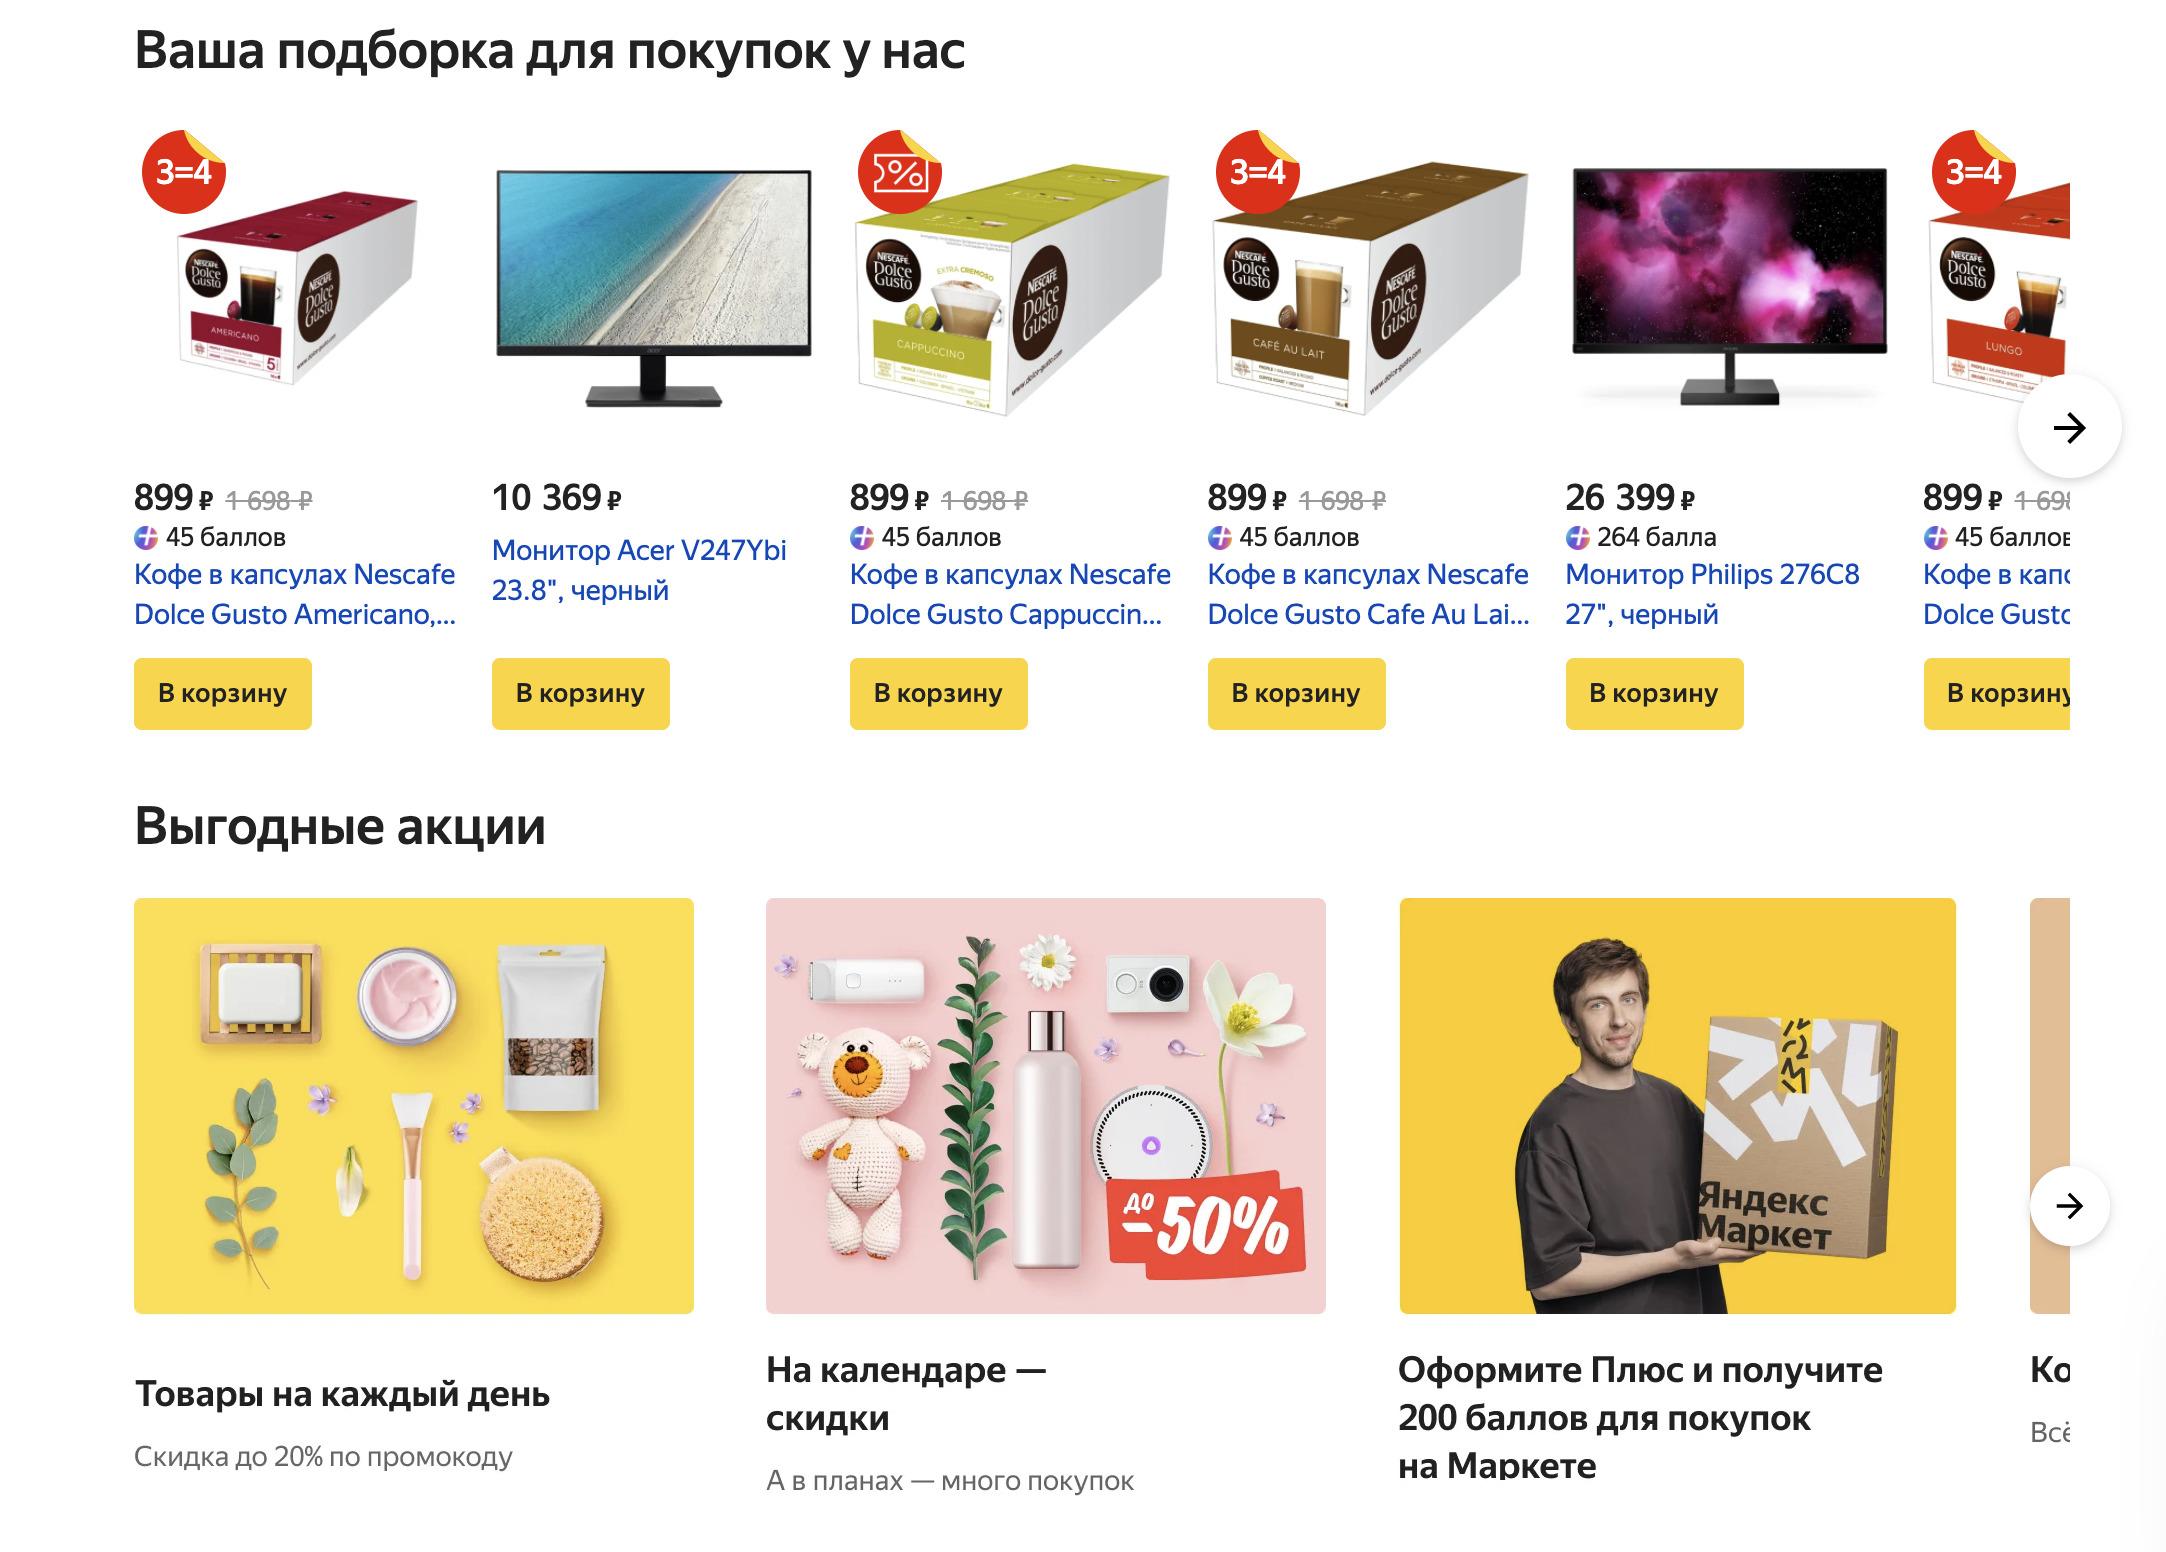 Доставка из Яндекс.Маркет в Хабаровский край, сроки, пункты выдачи, каталог